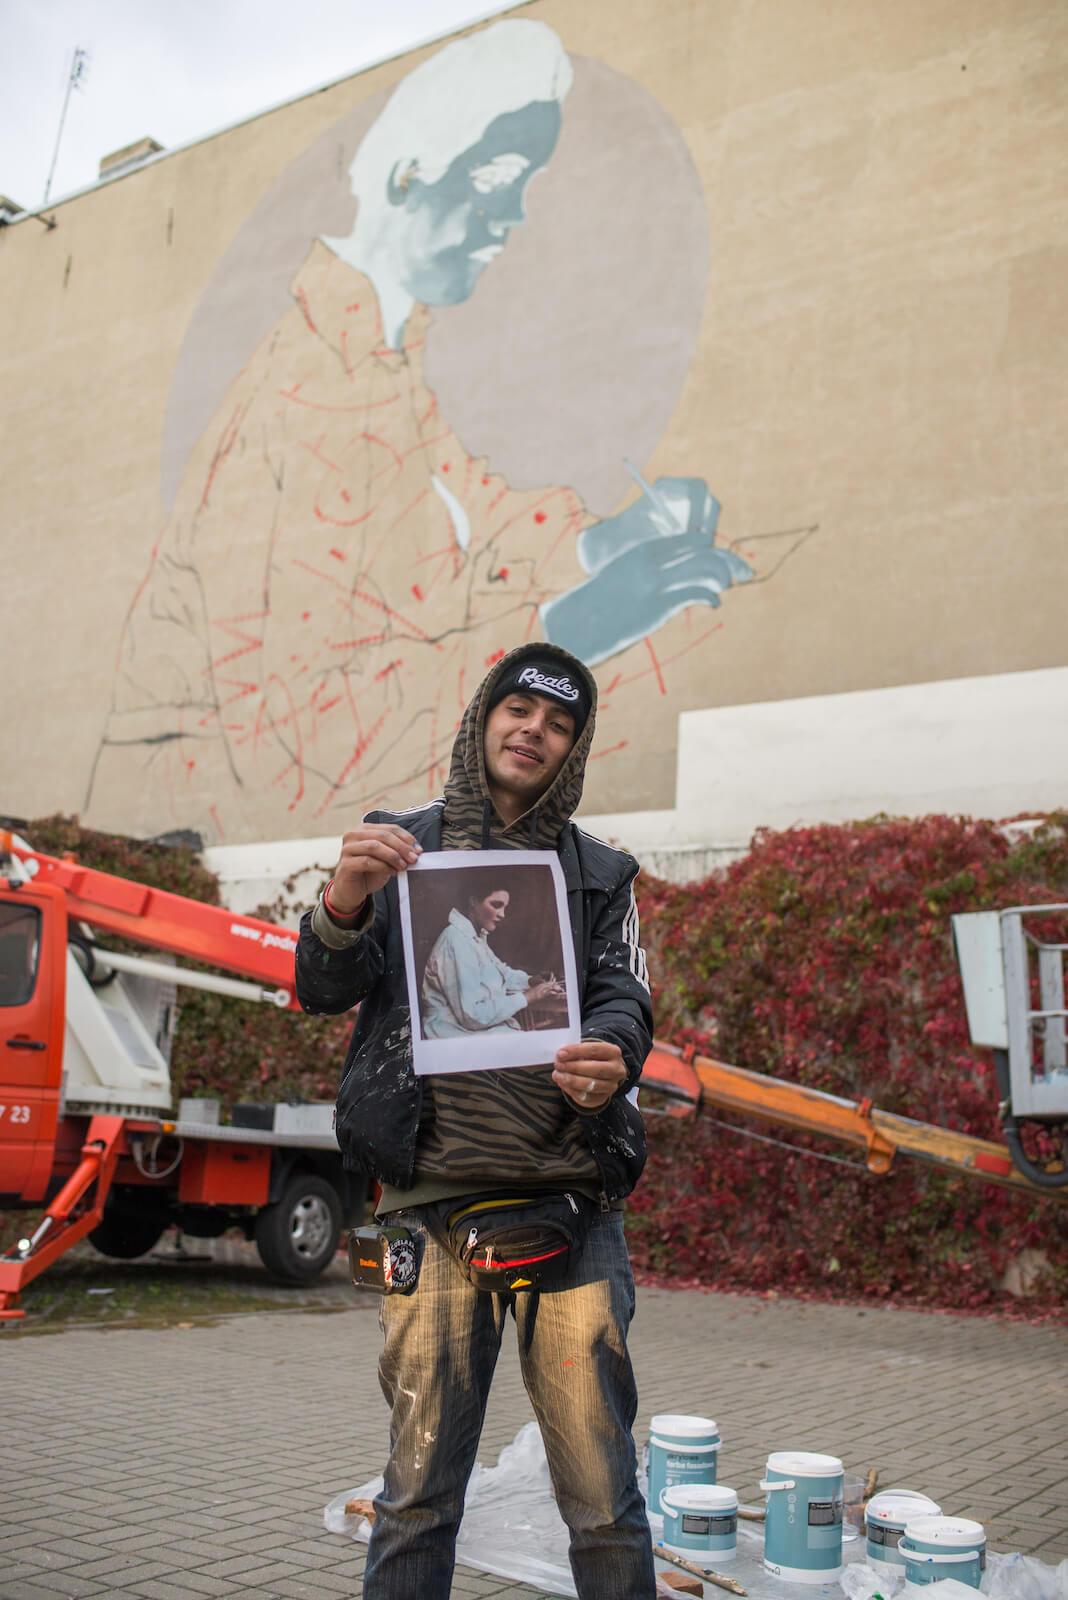 Zdjęcie autora muralu Jadwigi Szopieraj na jego tle